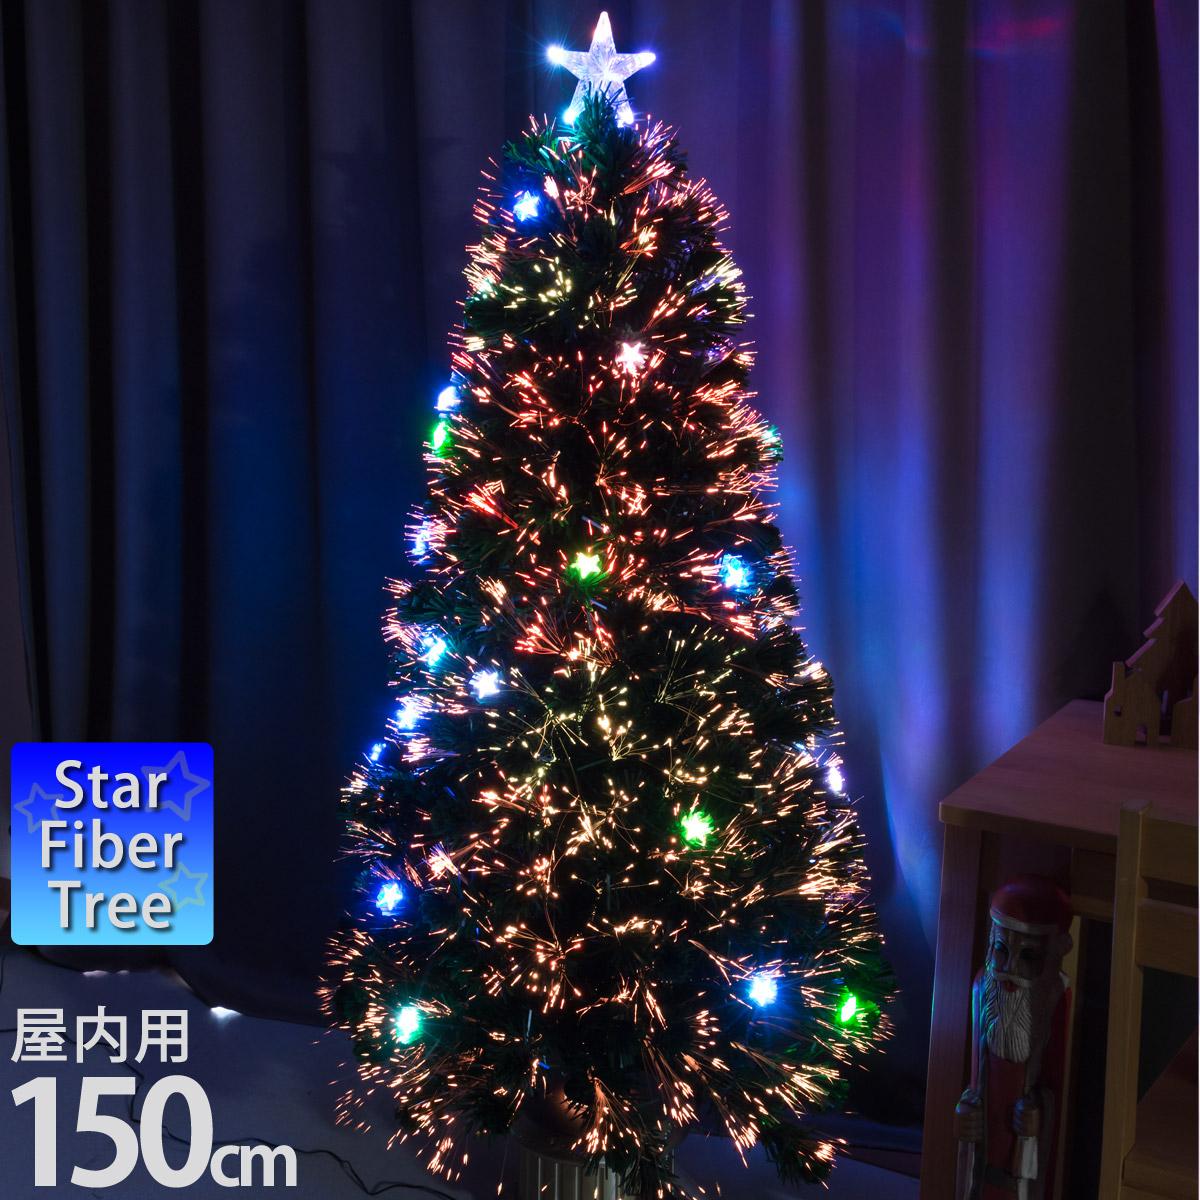 クリスマスツリー ファイバー150cm チェンジング・ファイバーツリー LEDスター付き 台座式・JACK付き 光源までLED 北欧 おしゃれ 【10月下旬入荷予定】